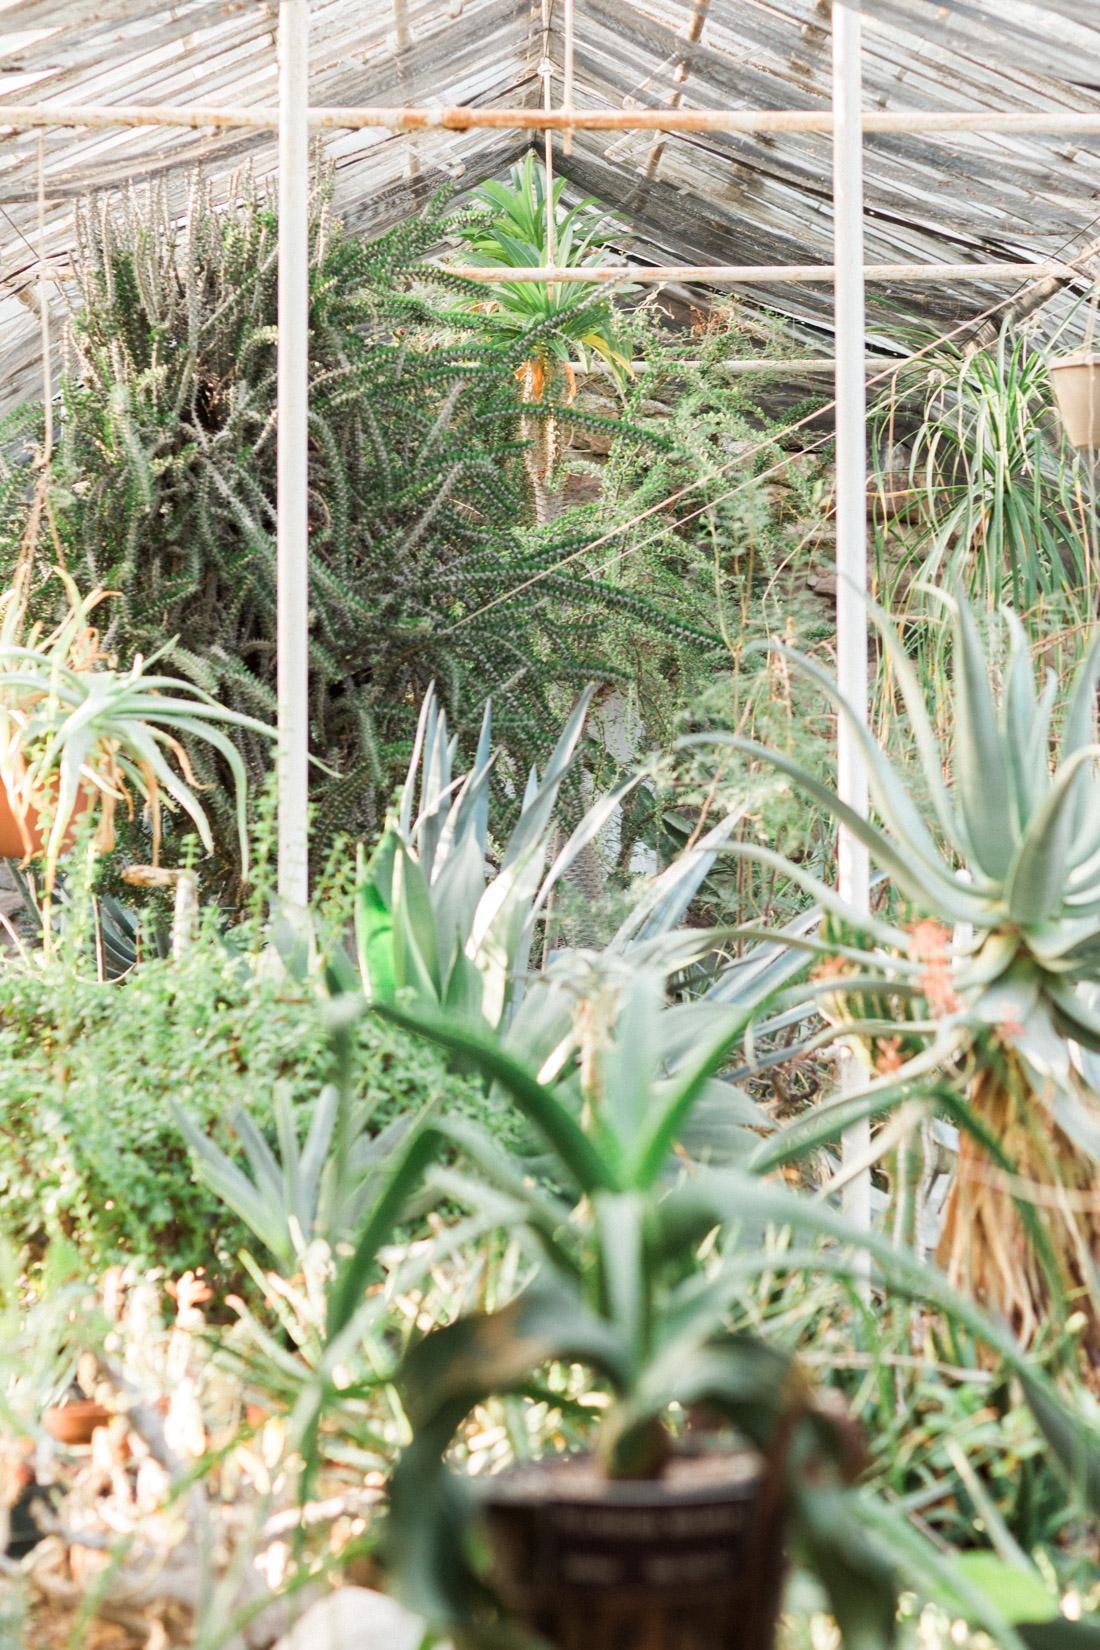 boyce-thompson-arboretum.jpg